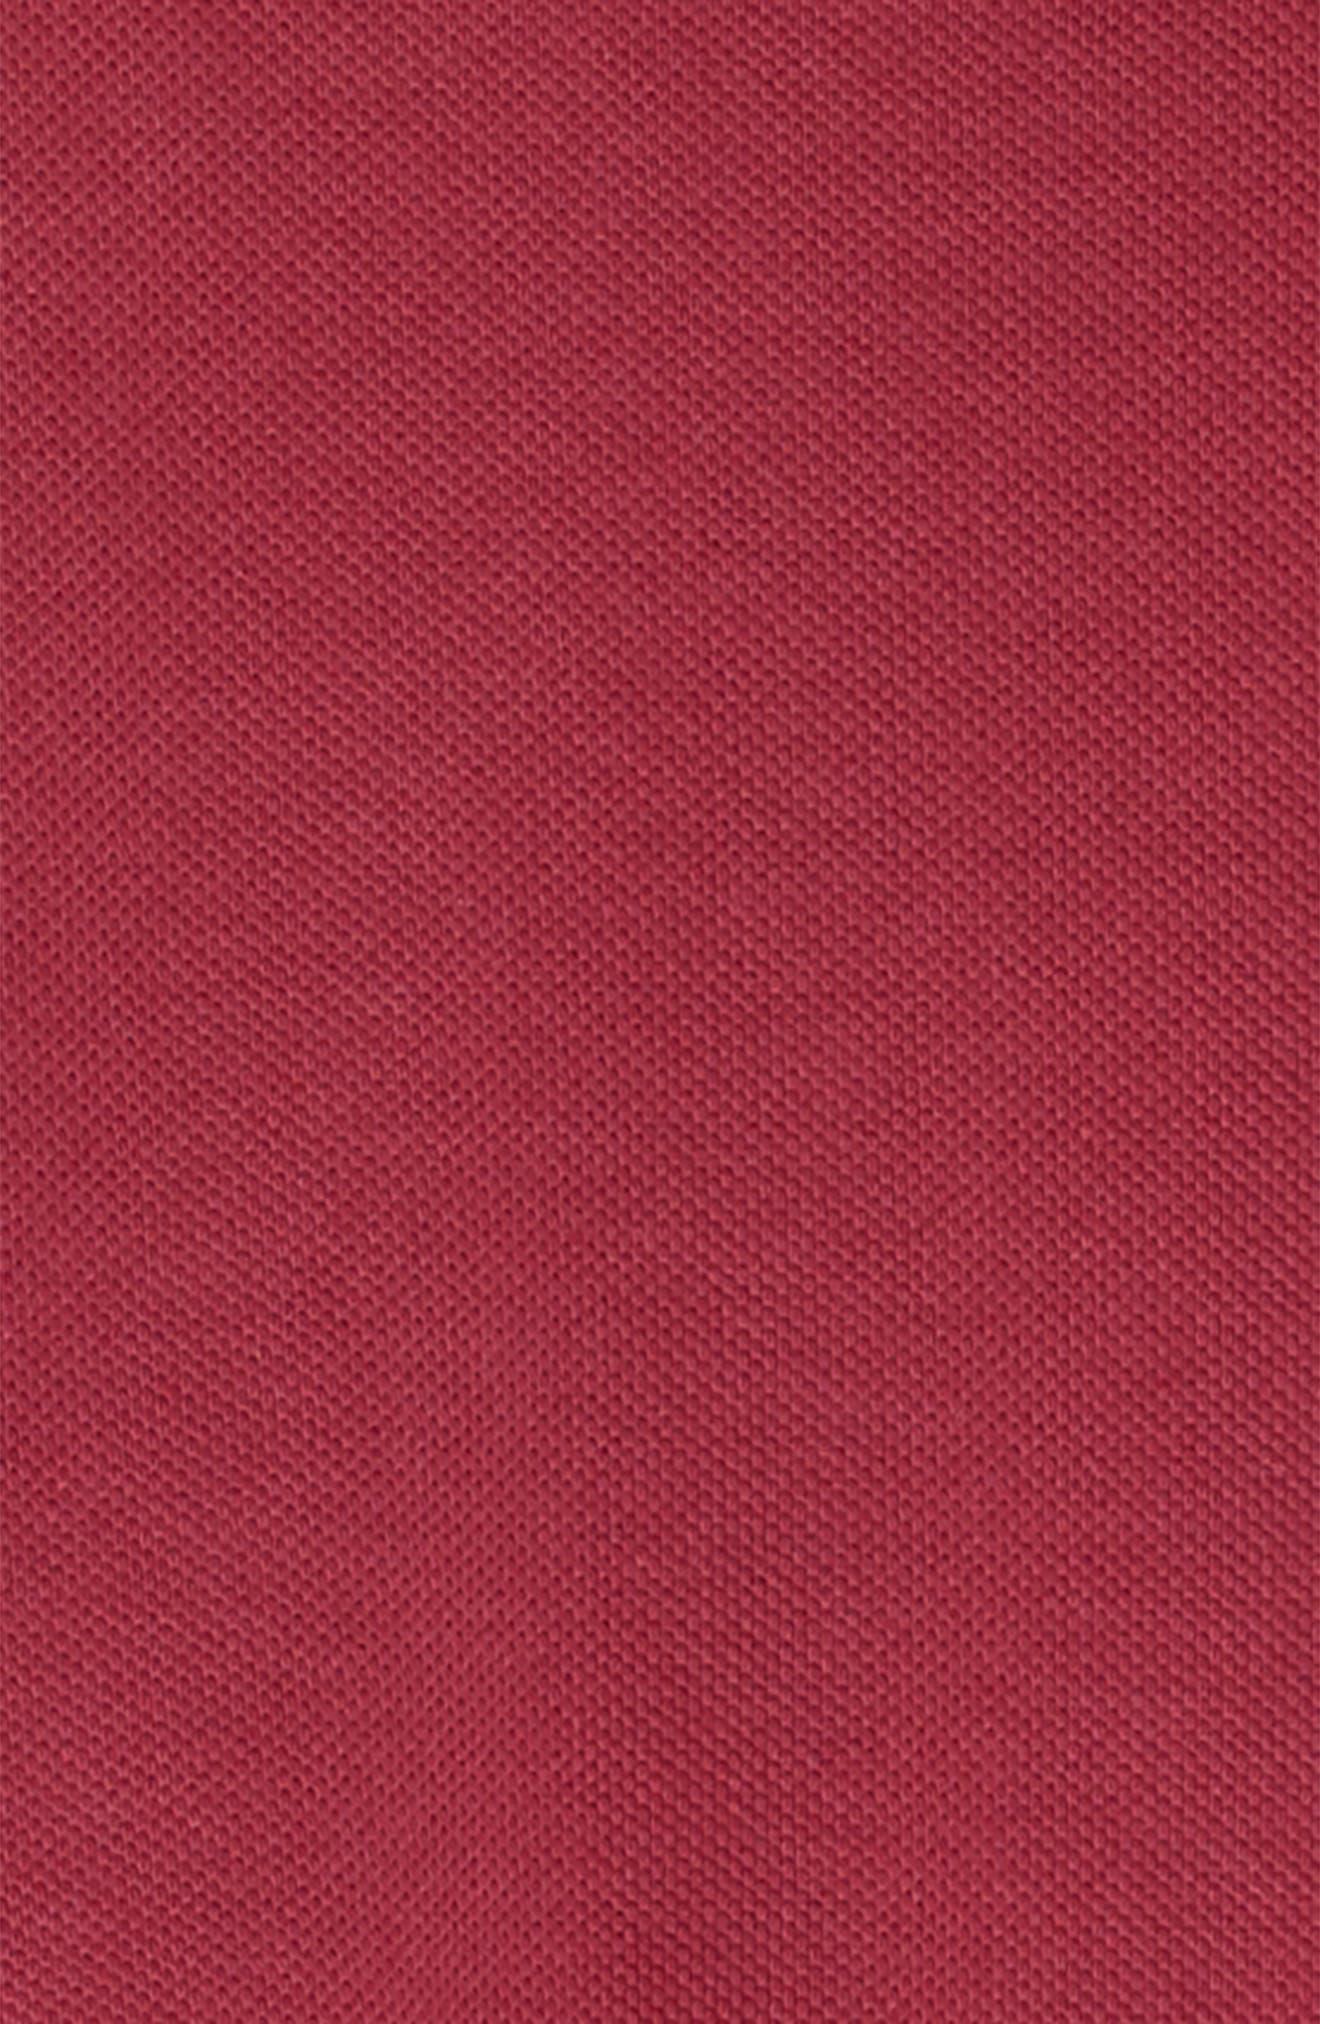 Mini Cali Polo Dress,                             Alternate thumbnail 3, color,                             656